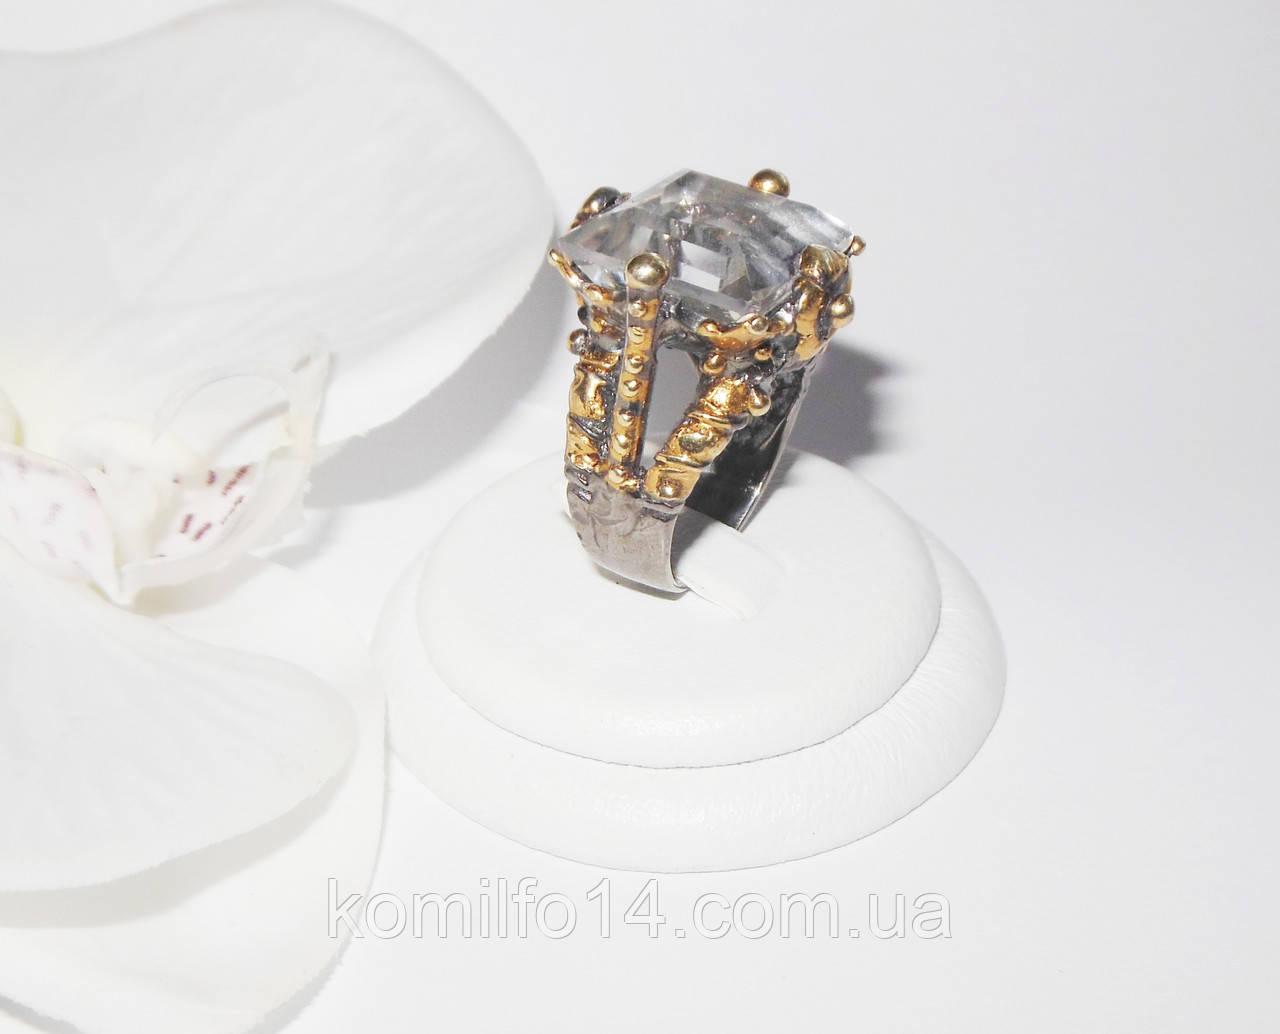 Серебряное кольцо с натуральным горным хрусталем